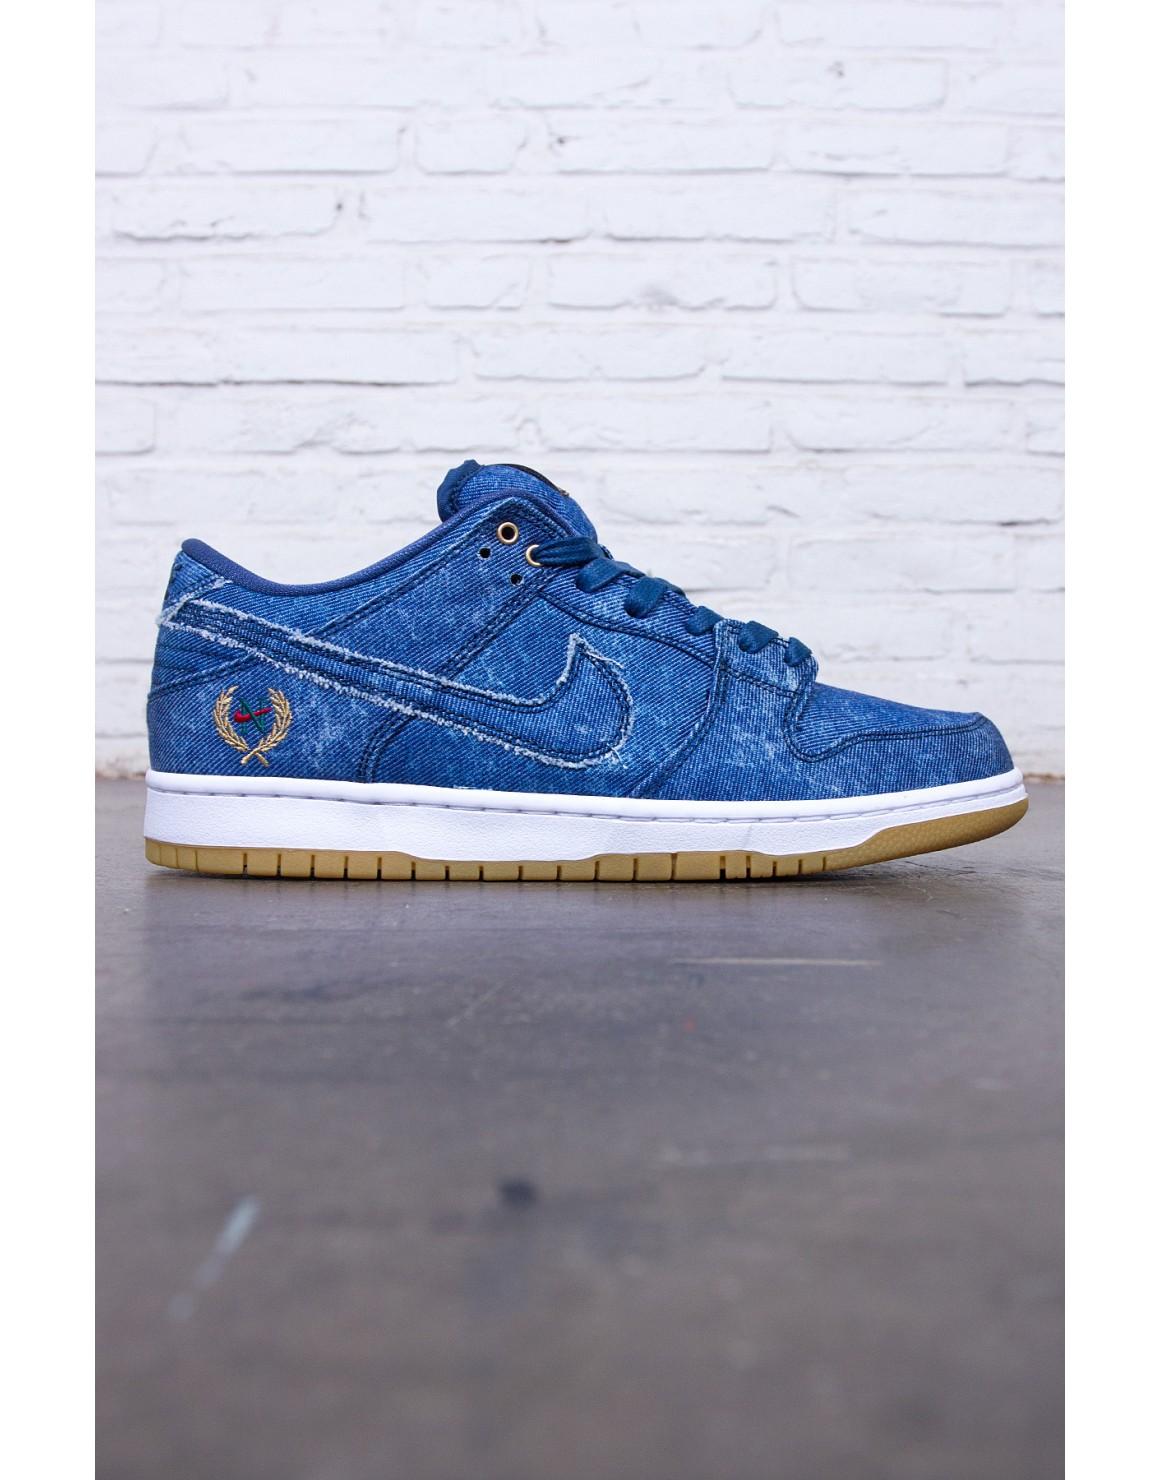 Nike SB Nike SB Dunk Low TRD QS UTLYBL